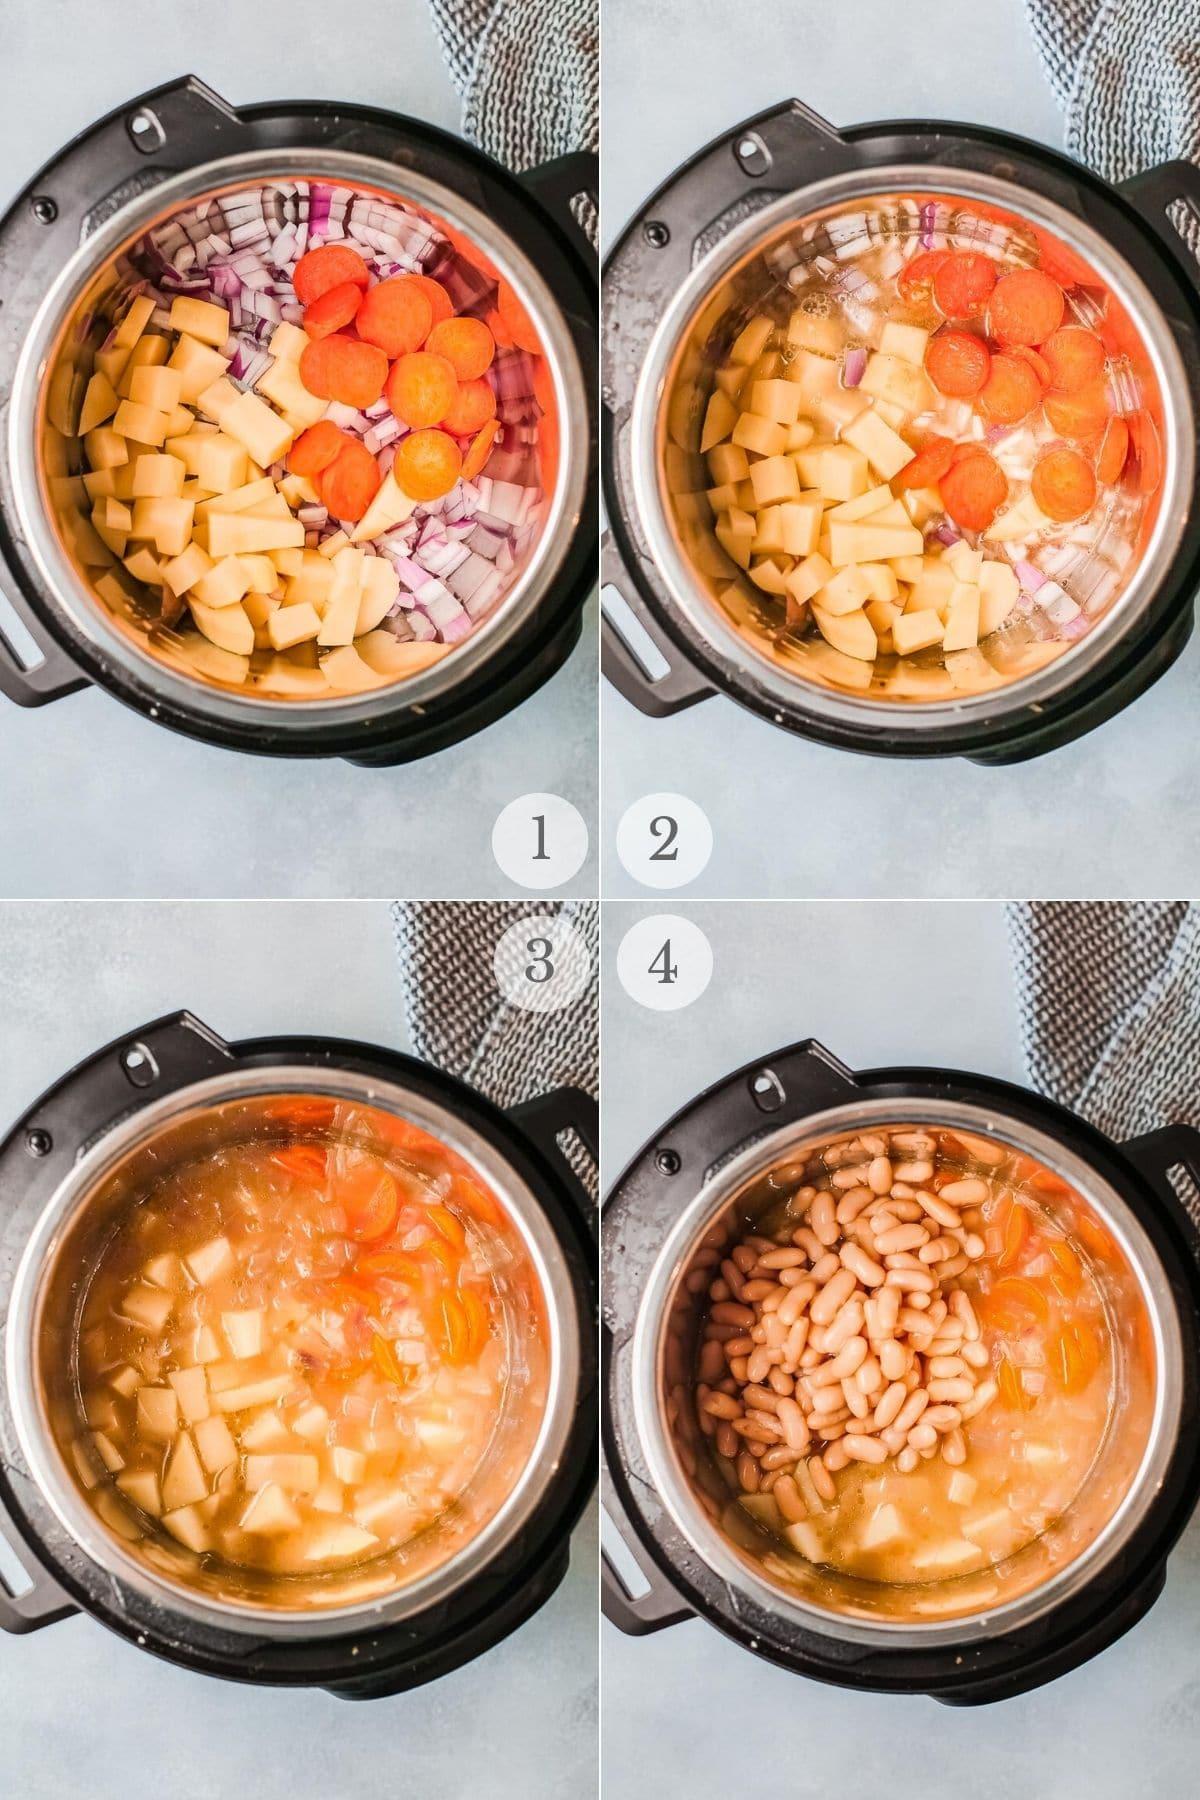 white bean soup recipe steps 1-4